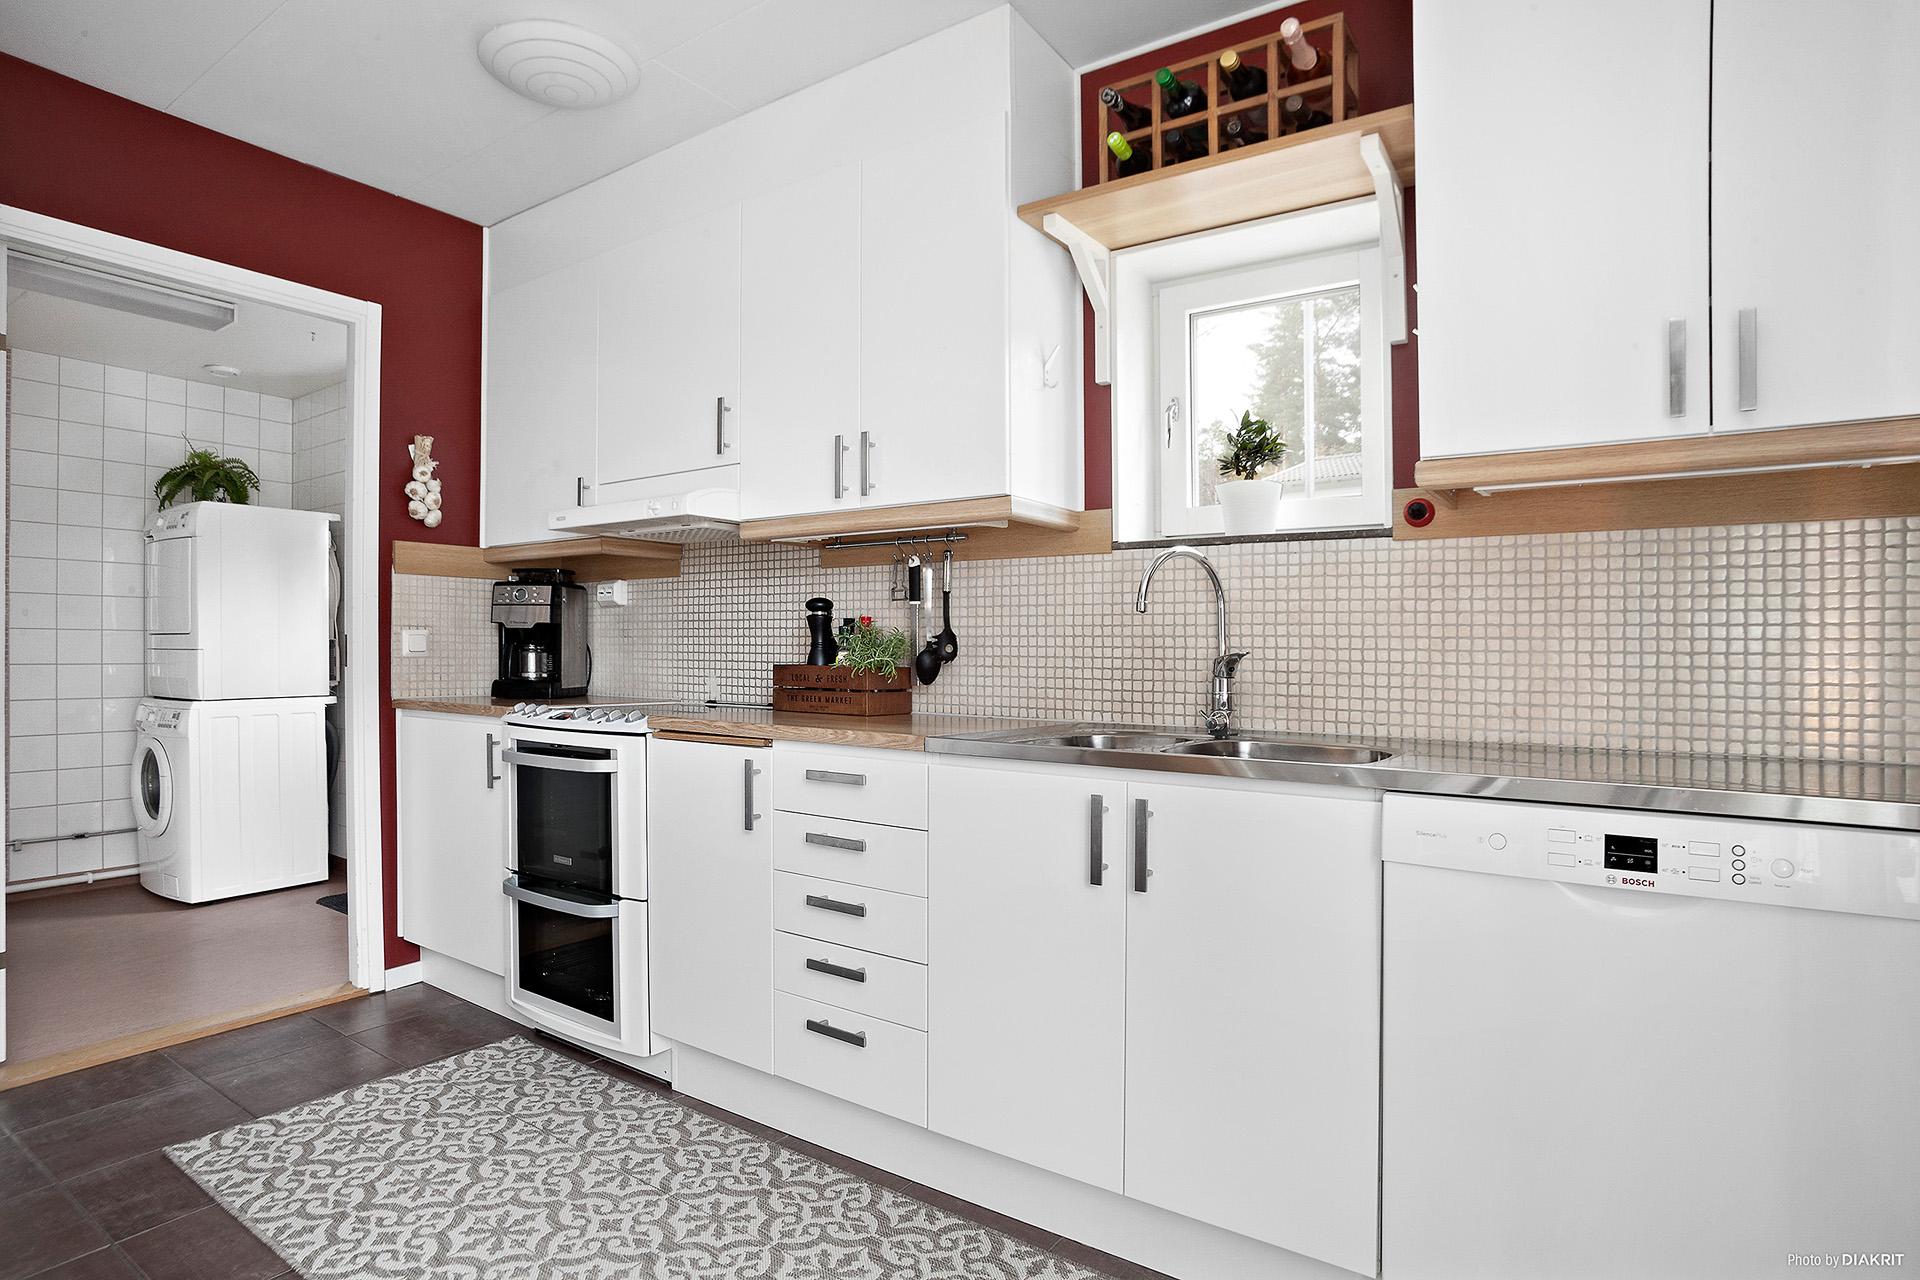 Från köket nås tvättstugan och uteplatsen med morgonsol